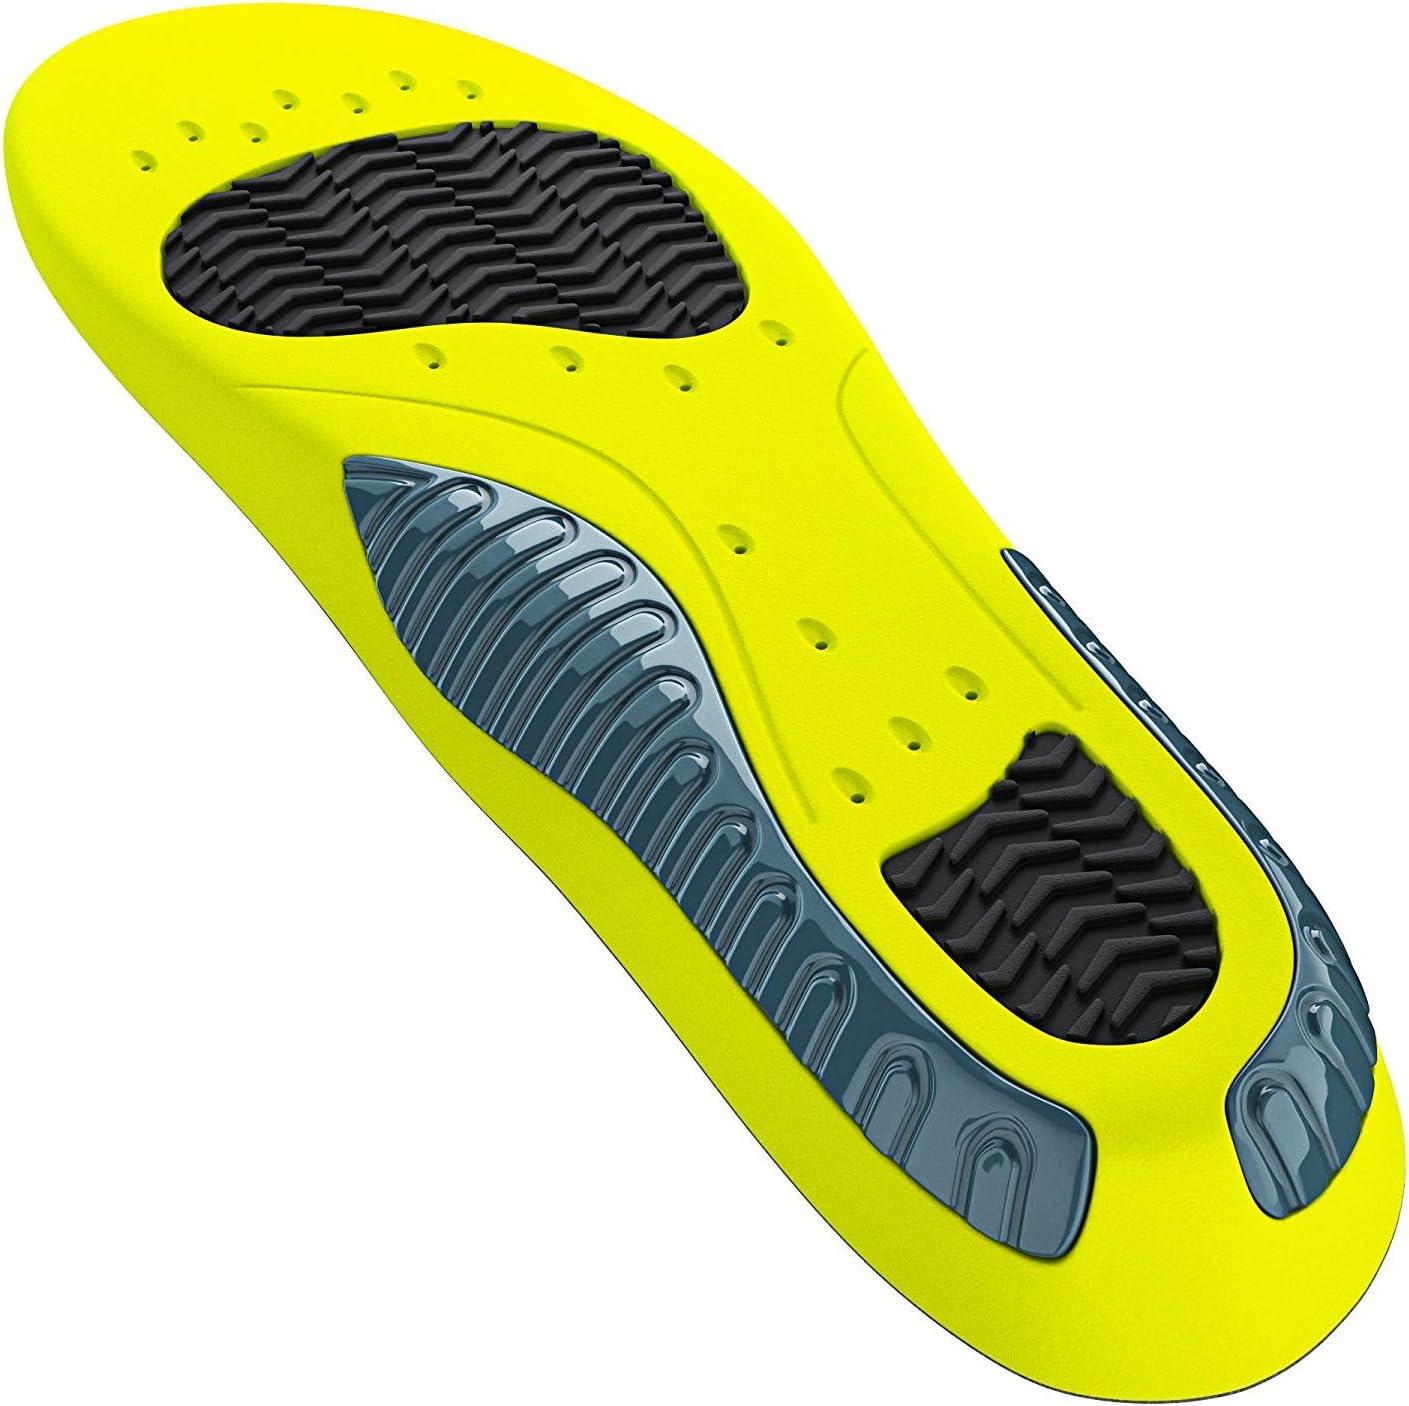 Semelles pour chaussures de sport et de travail I Semelles multi-taille /à d/écouper I Semelles anti-transpiration I Semelle int/érieure pour plus de stabilit/é et absorption des chocs I Inserts pour chaussures pour femme et homme